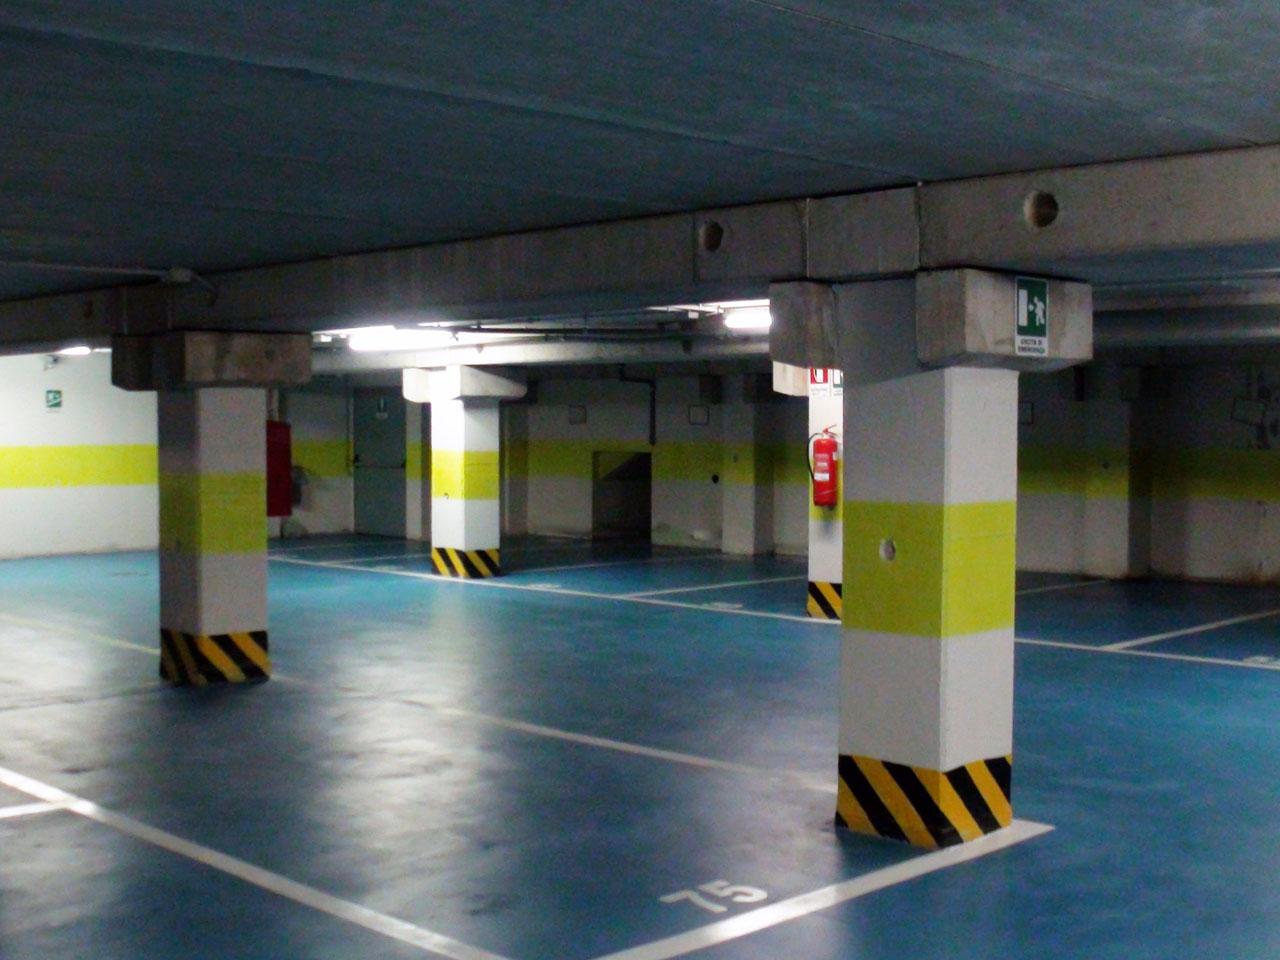 Posti auto al coperto in autorimessa al secondo piano interrato - Atlantic Business Center - Milano via Fantoli 7